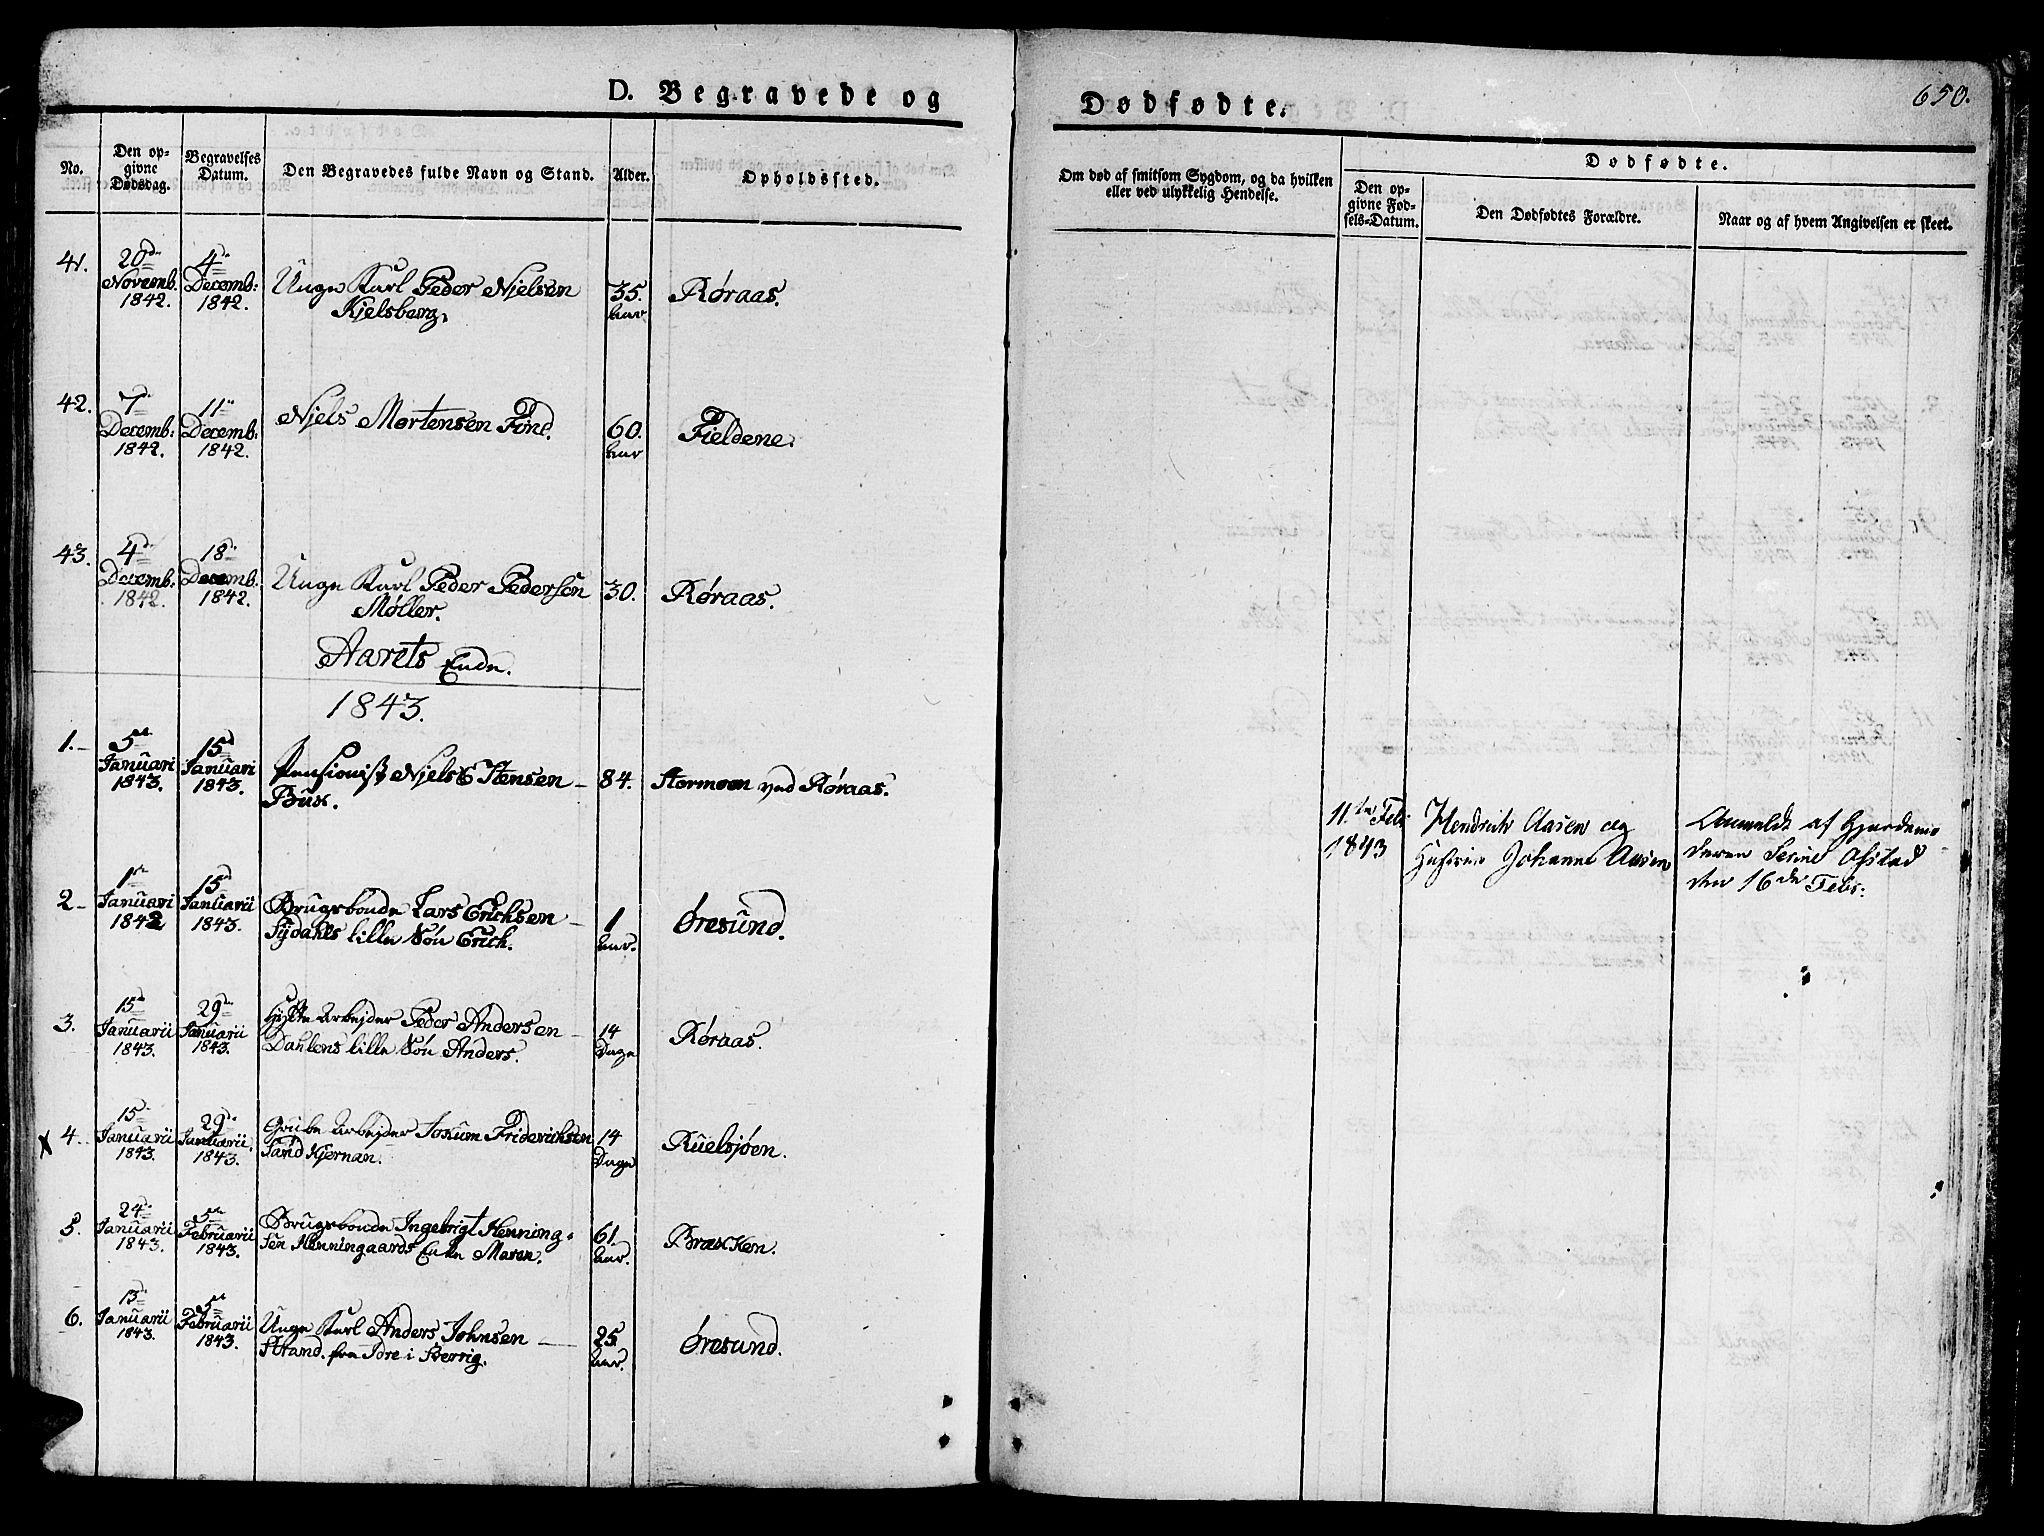 SAT, Ministerialprotokoller, klokkerbøker og fødselsregistre - Sør-Trøndelag, 681/L0930: Ministerialbok nr. 681A08, 1829-1844, s. 650